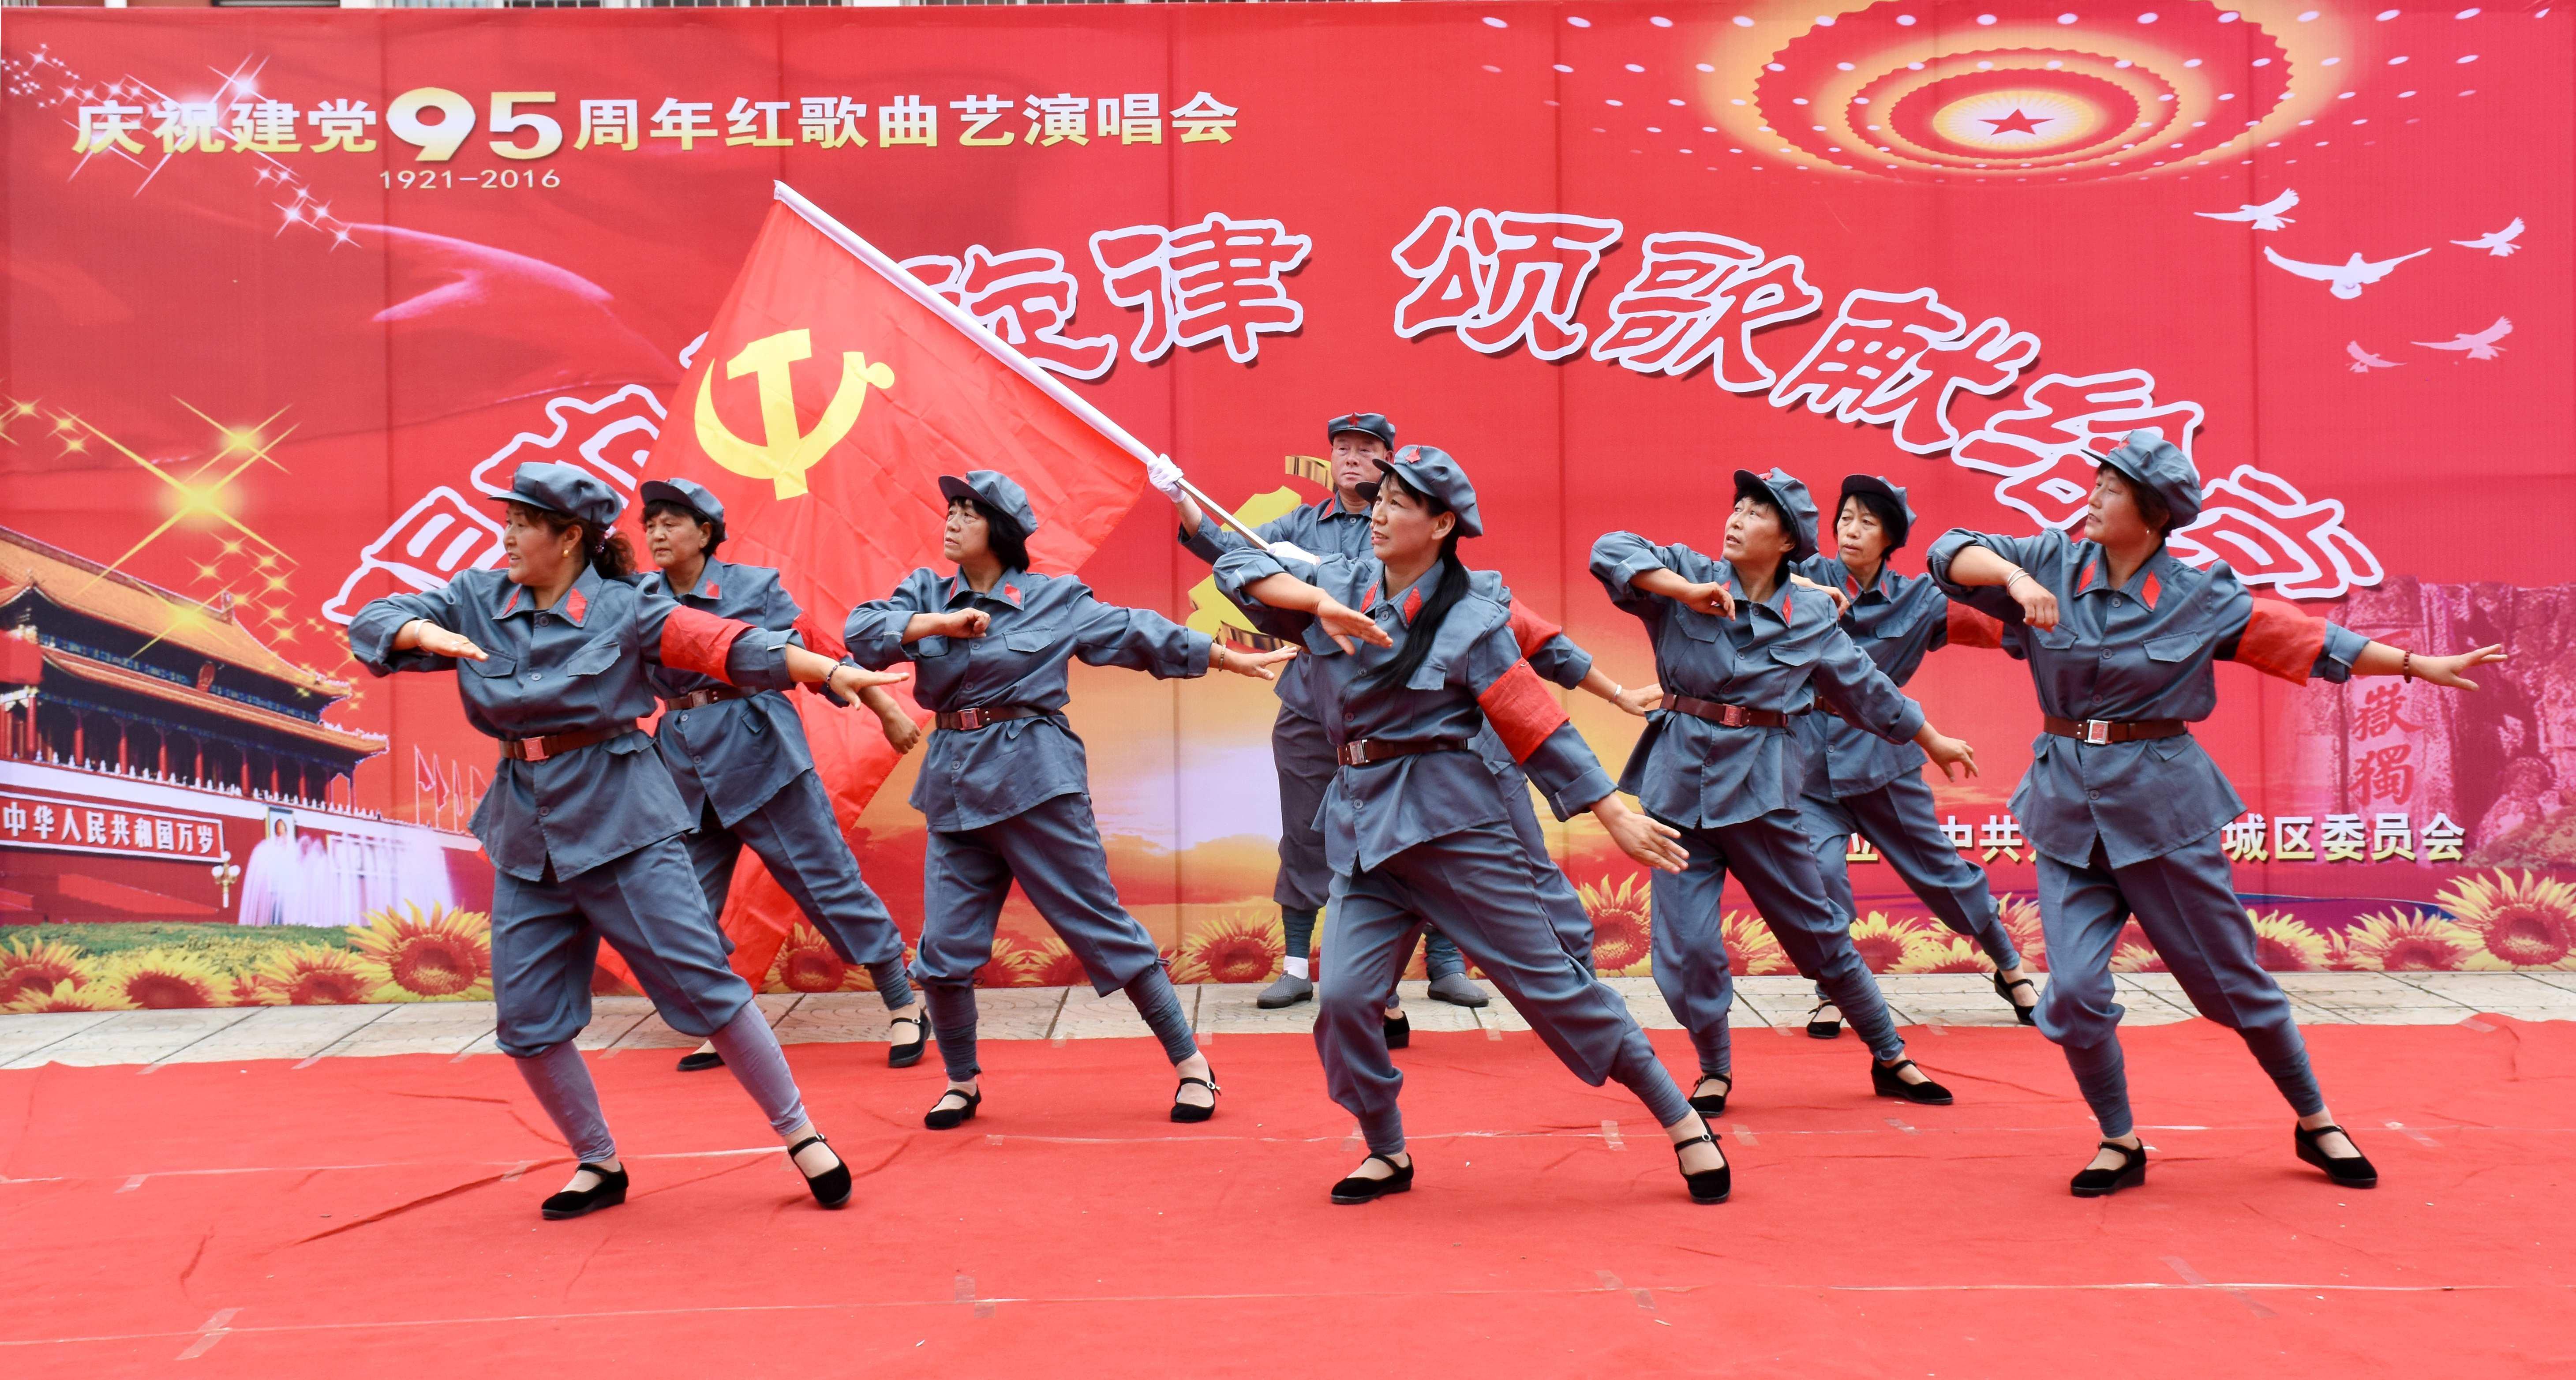 """北城区在唐城村综合文化站举行""""唱响主旋律颂歌献给党""""红歌曲艺演唱会"""